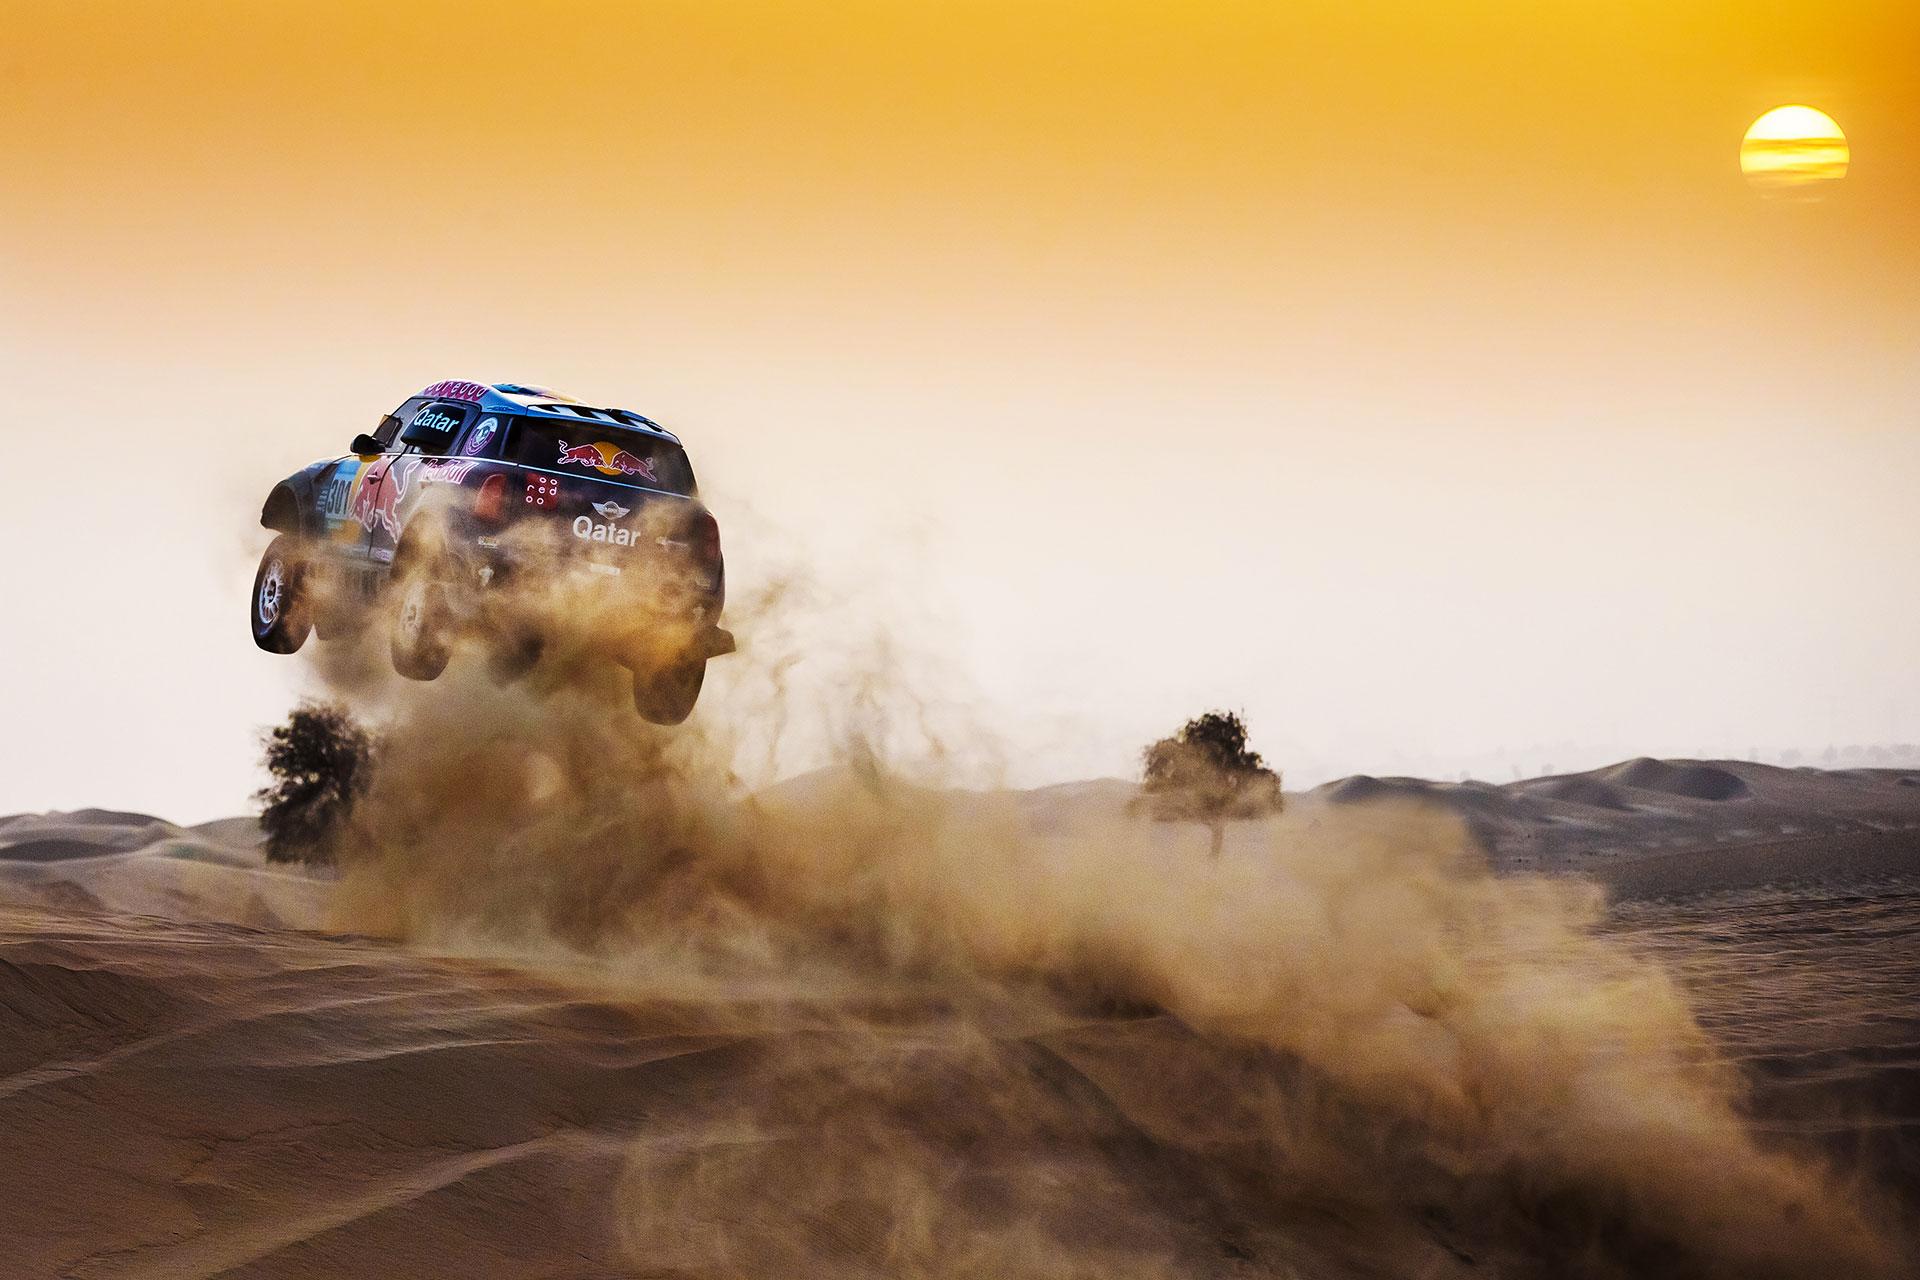 MINI-ALL4-RACING_Nasser-Al-Attiyah_Wallpaper-8